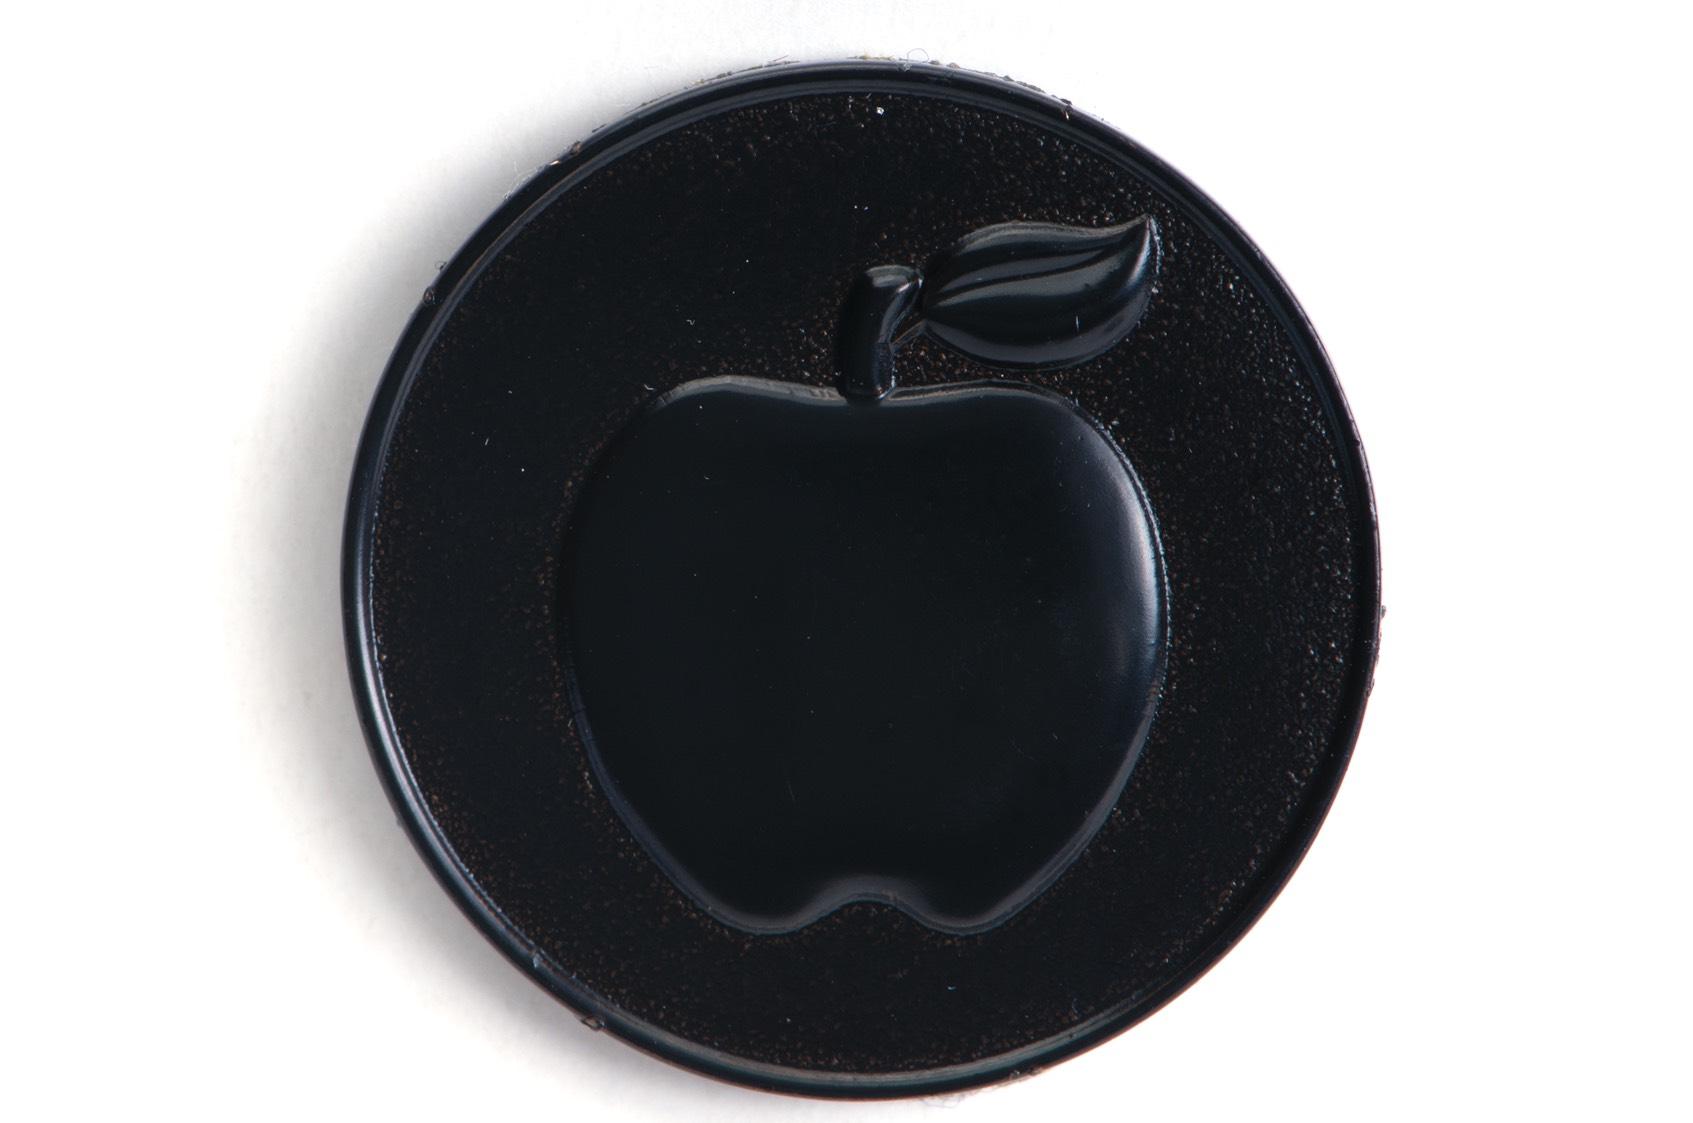 Svartpläterat märke med extra tillsatt svart färg